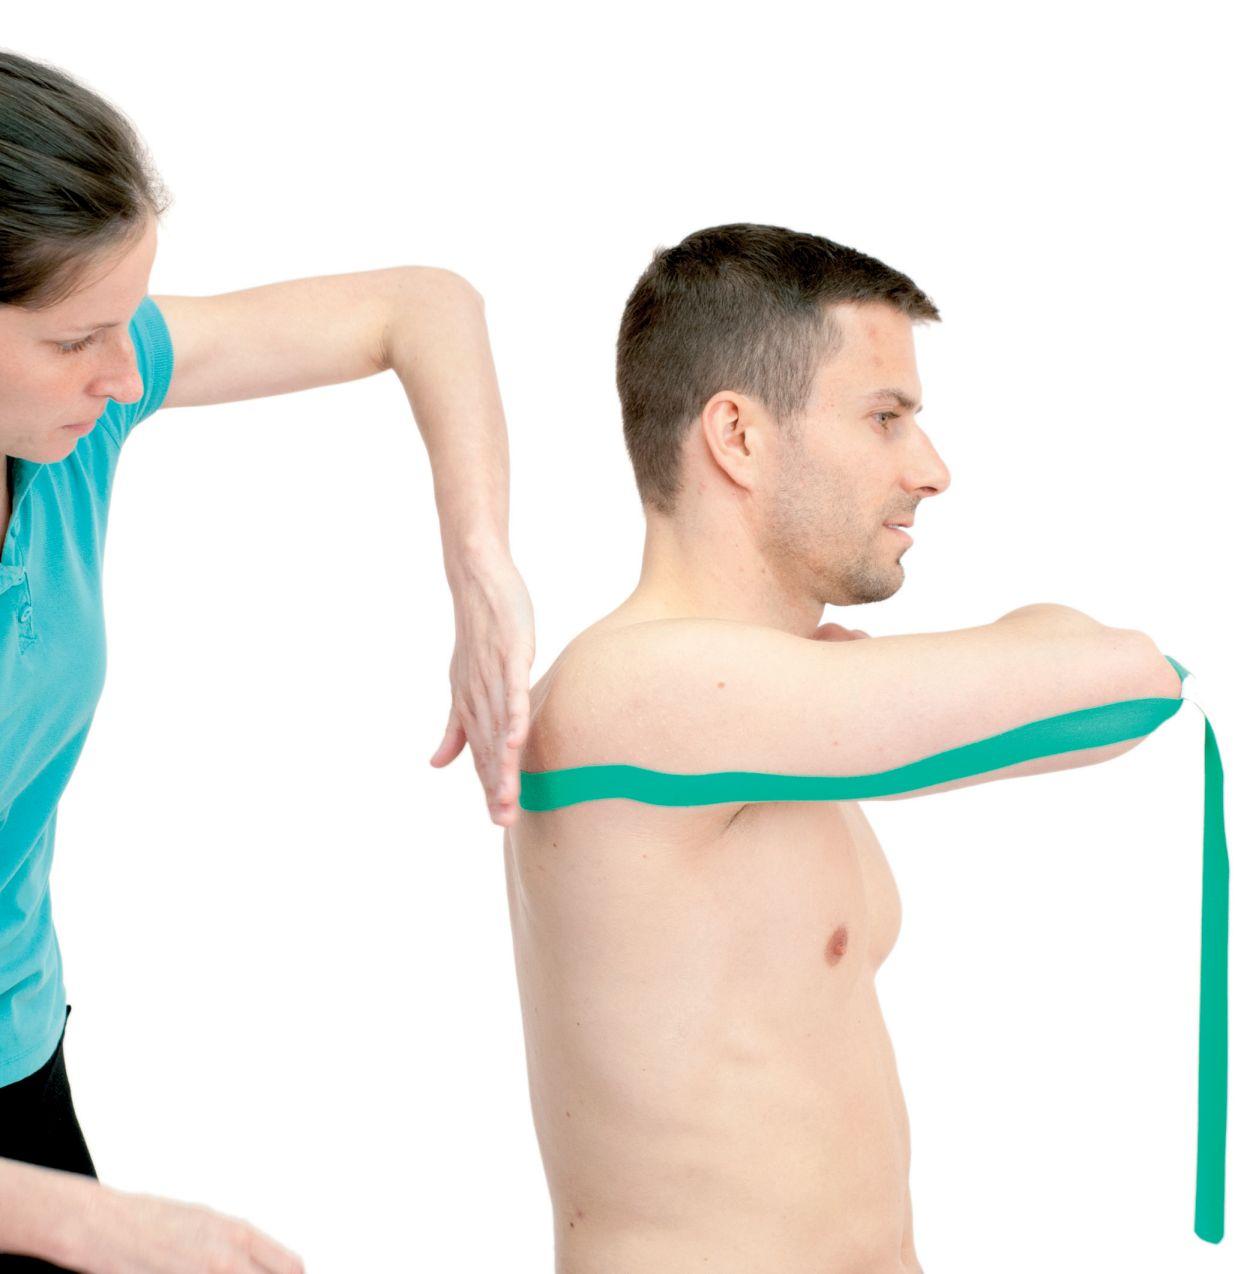 Tejpování ruky – trojhlavého svalu